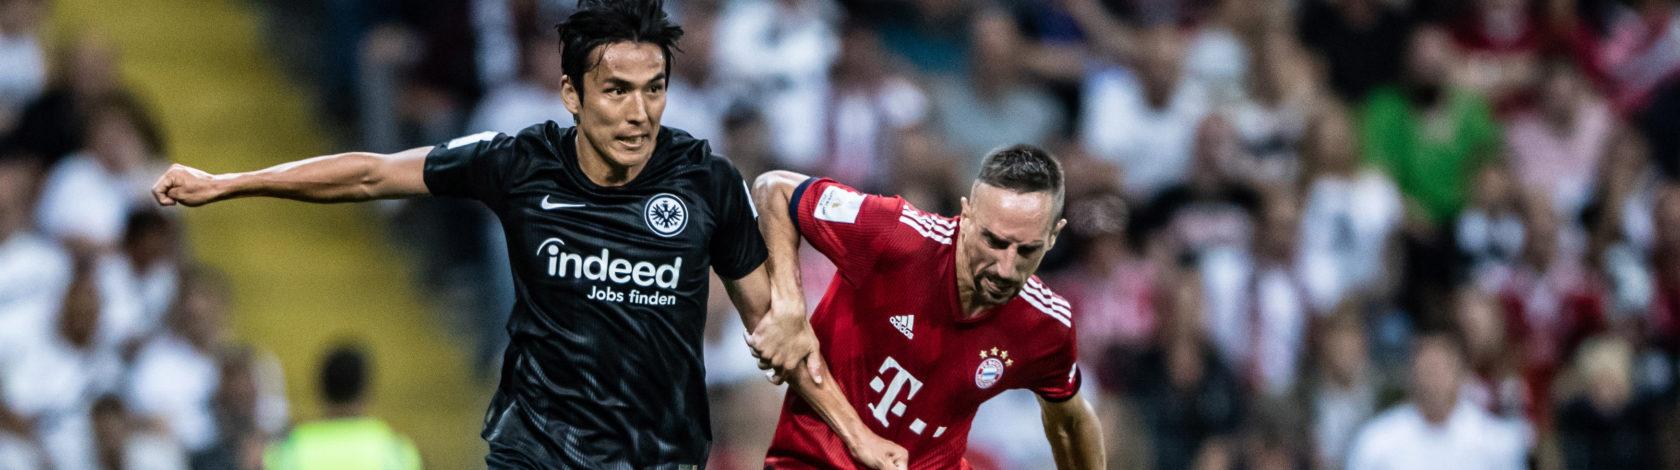 Eintracht Frankfurt v Bayern Muenchen – DFL Supercup 2018